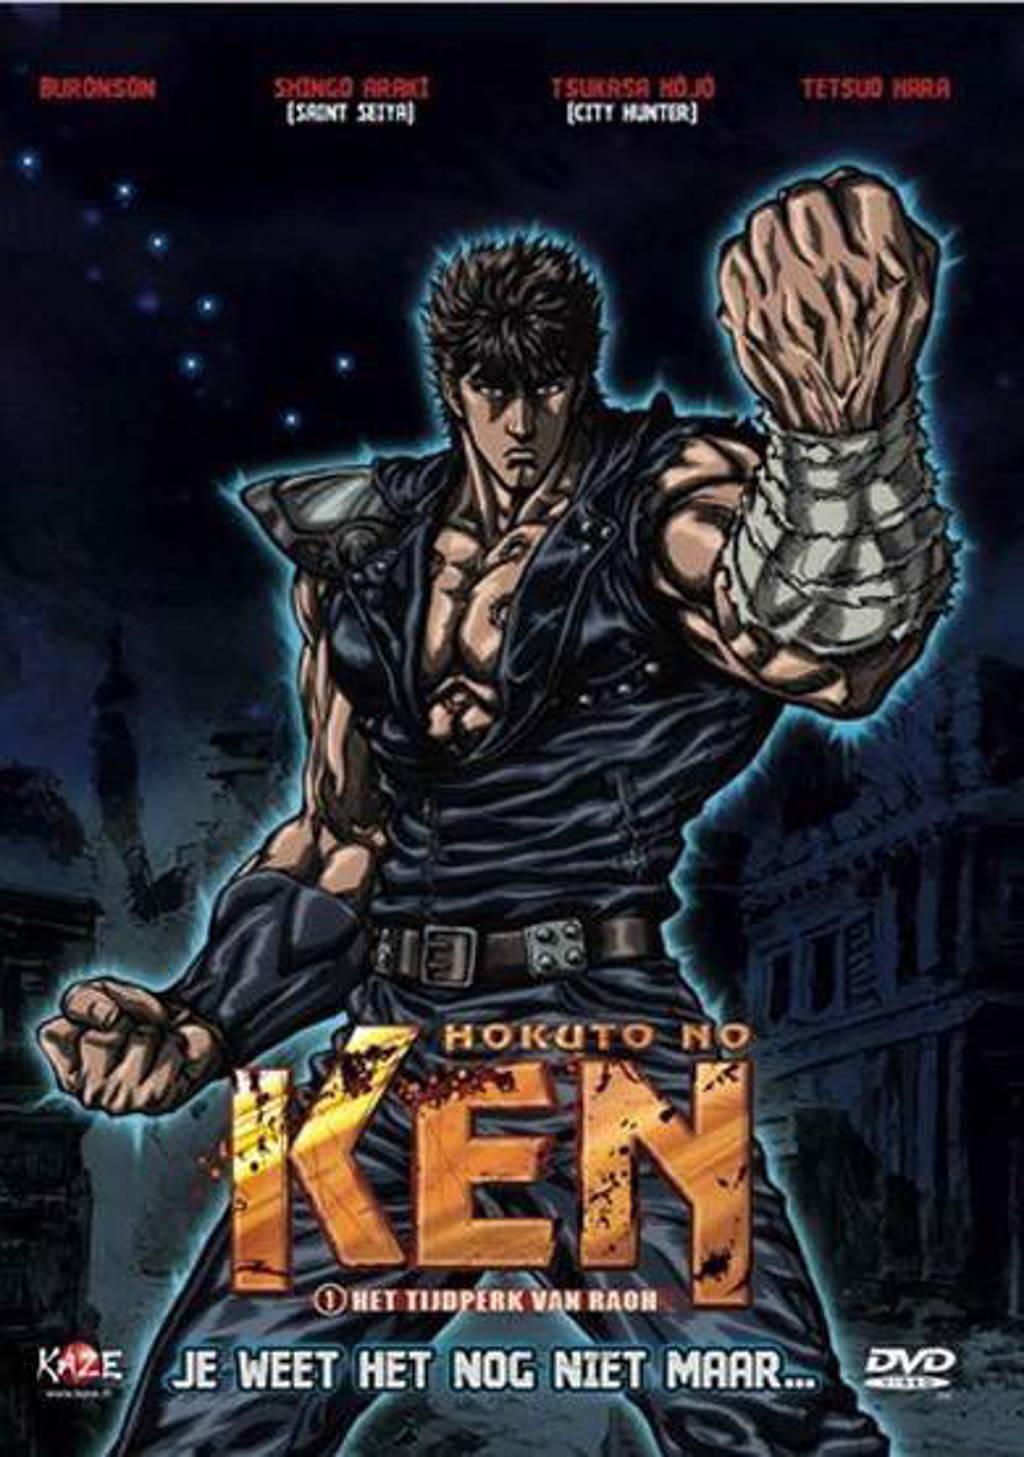 Ken-het tijdperk van raoh (DVD)